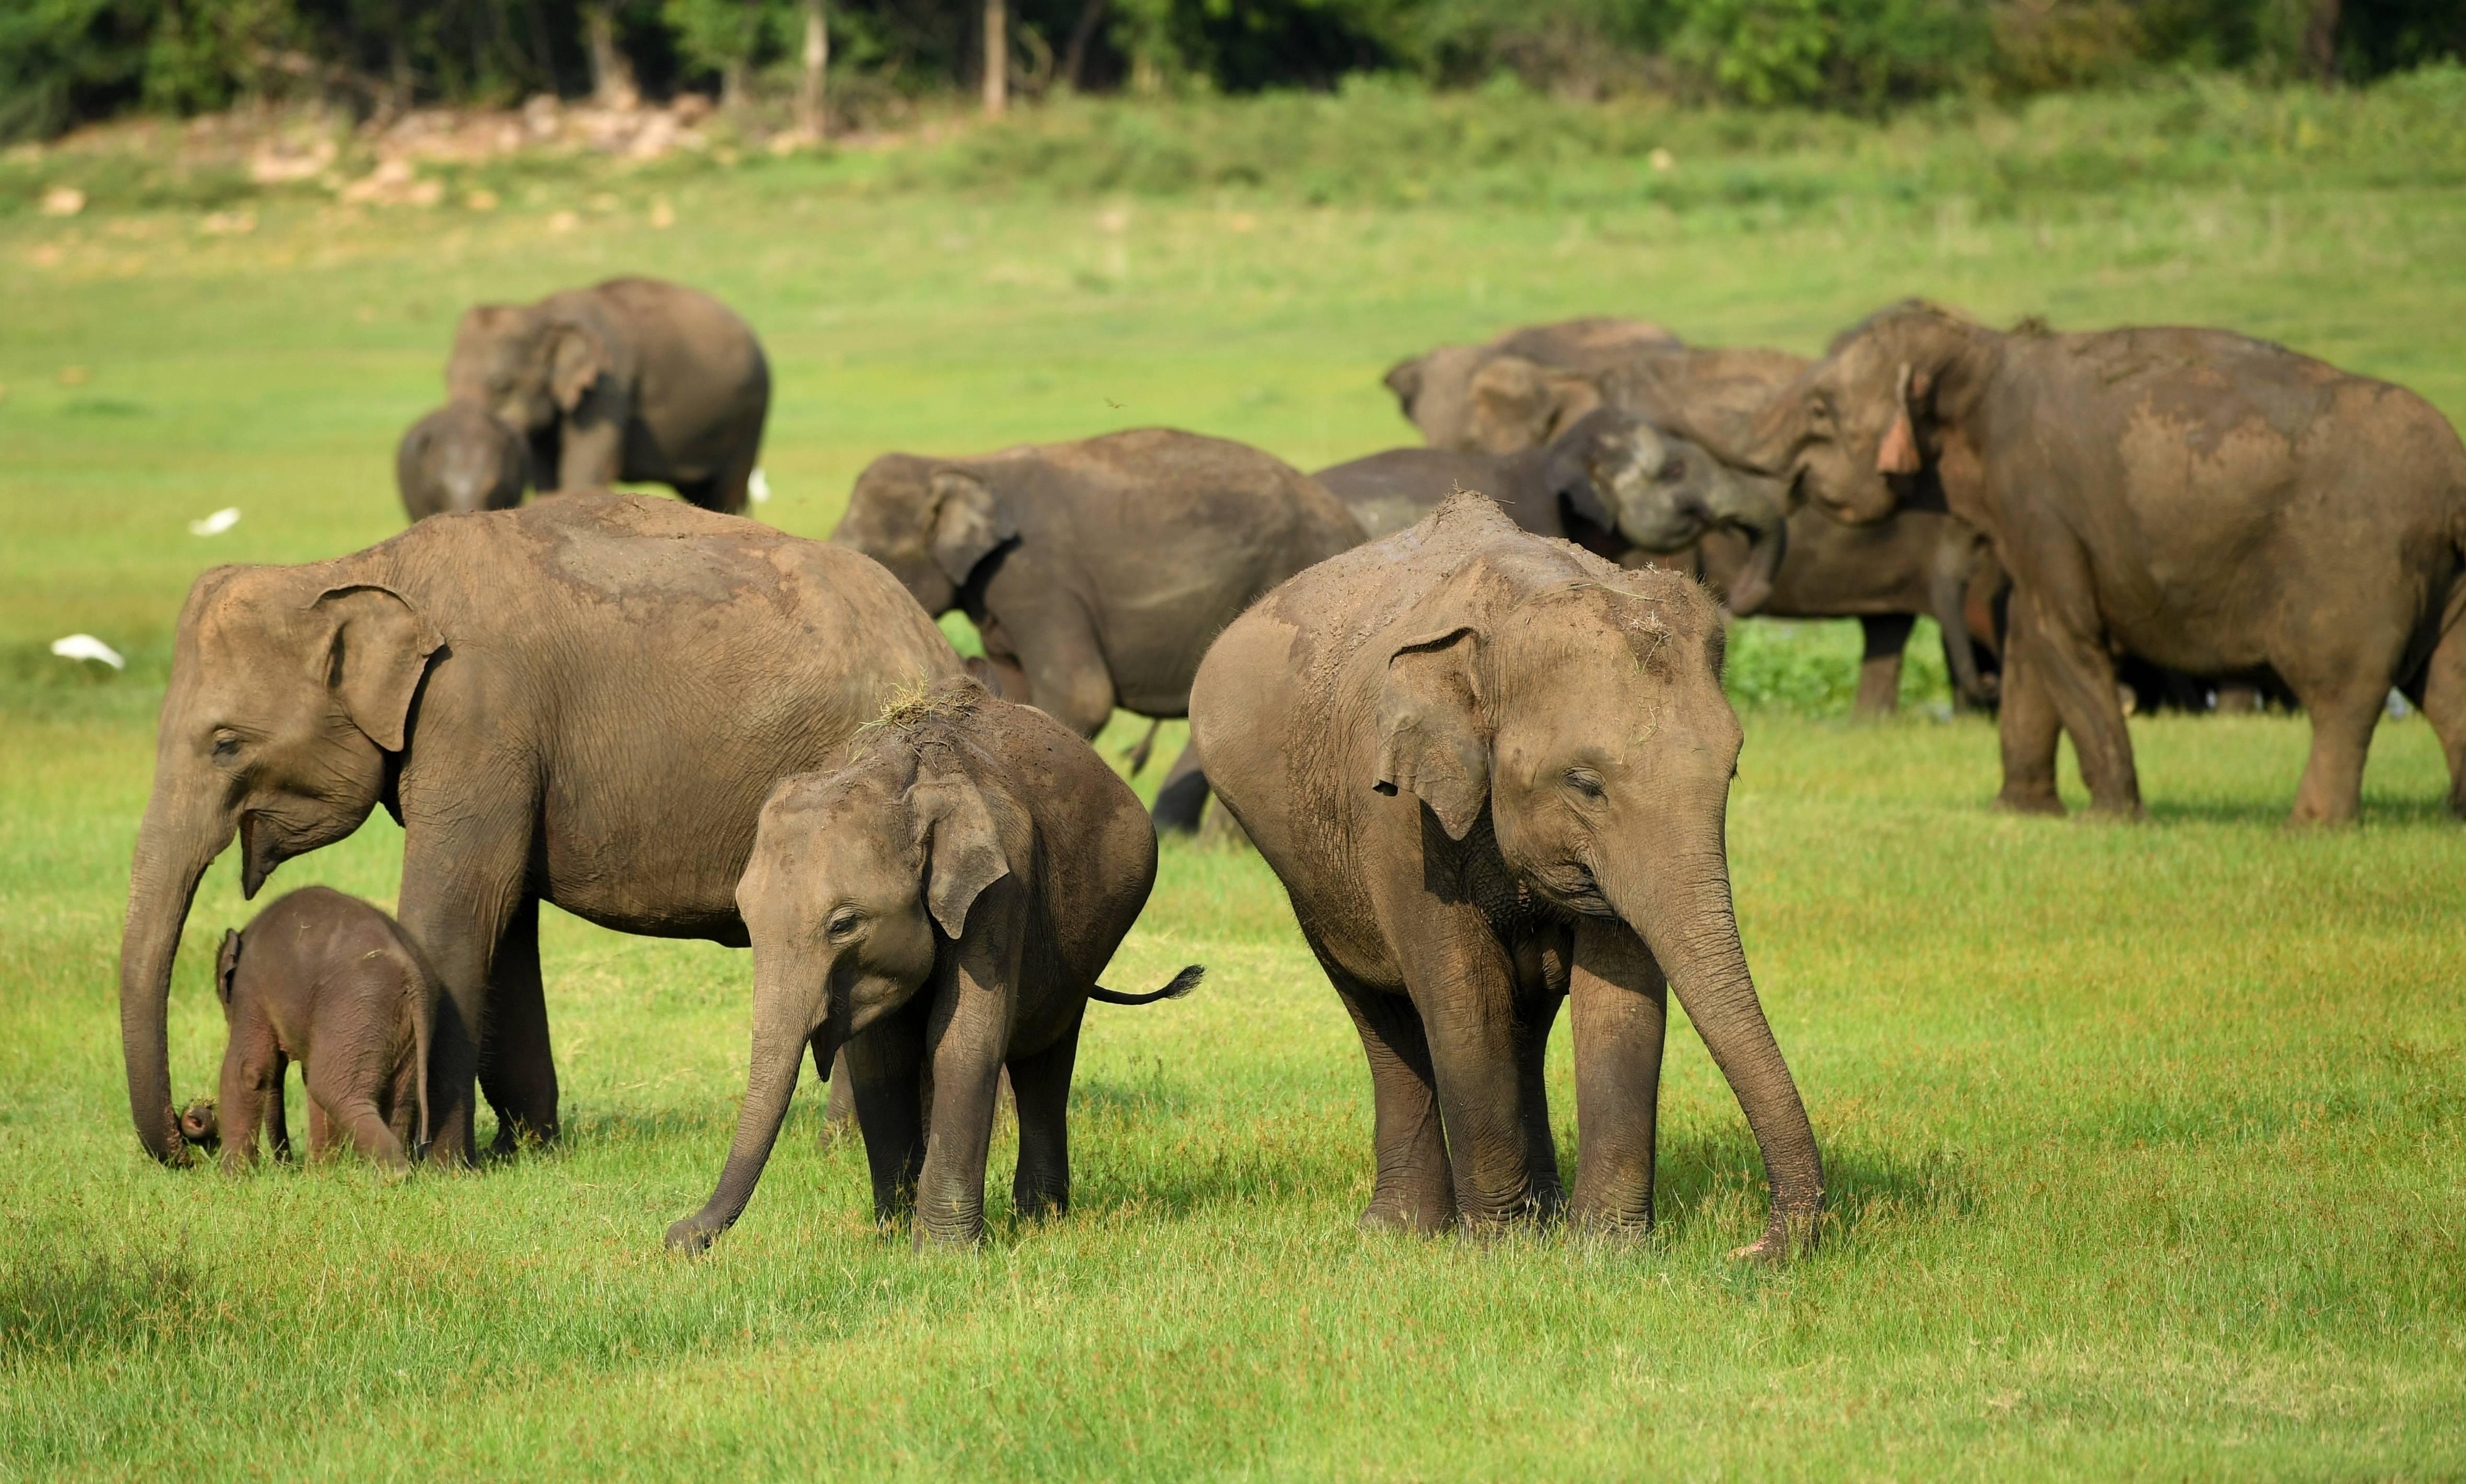 El 60% de los animales vertebrados del planeta se ha extinguido en los últimos 44 años